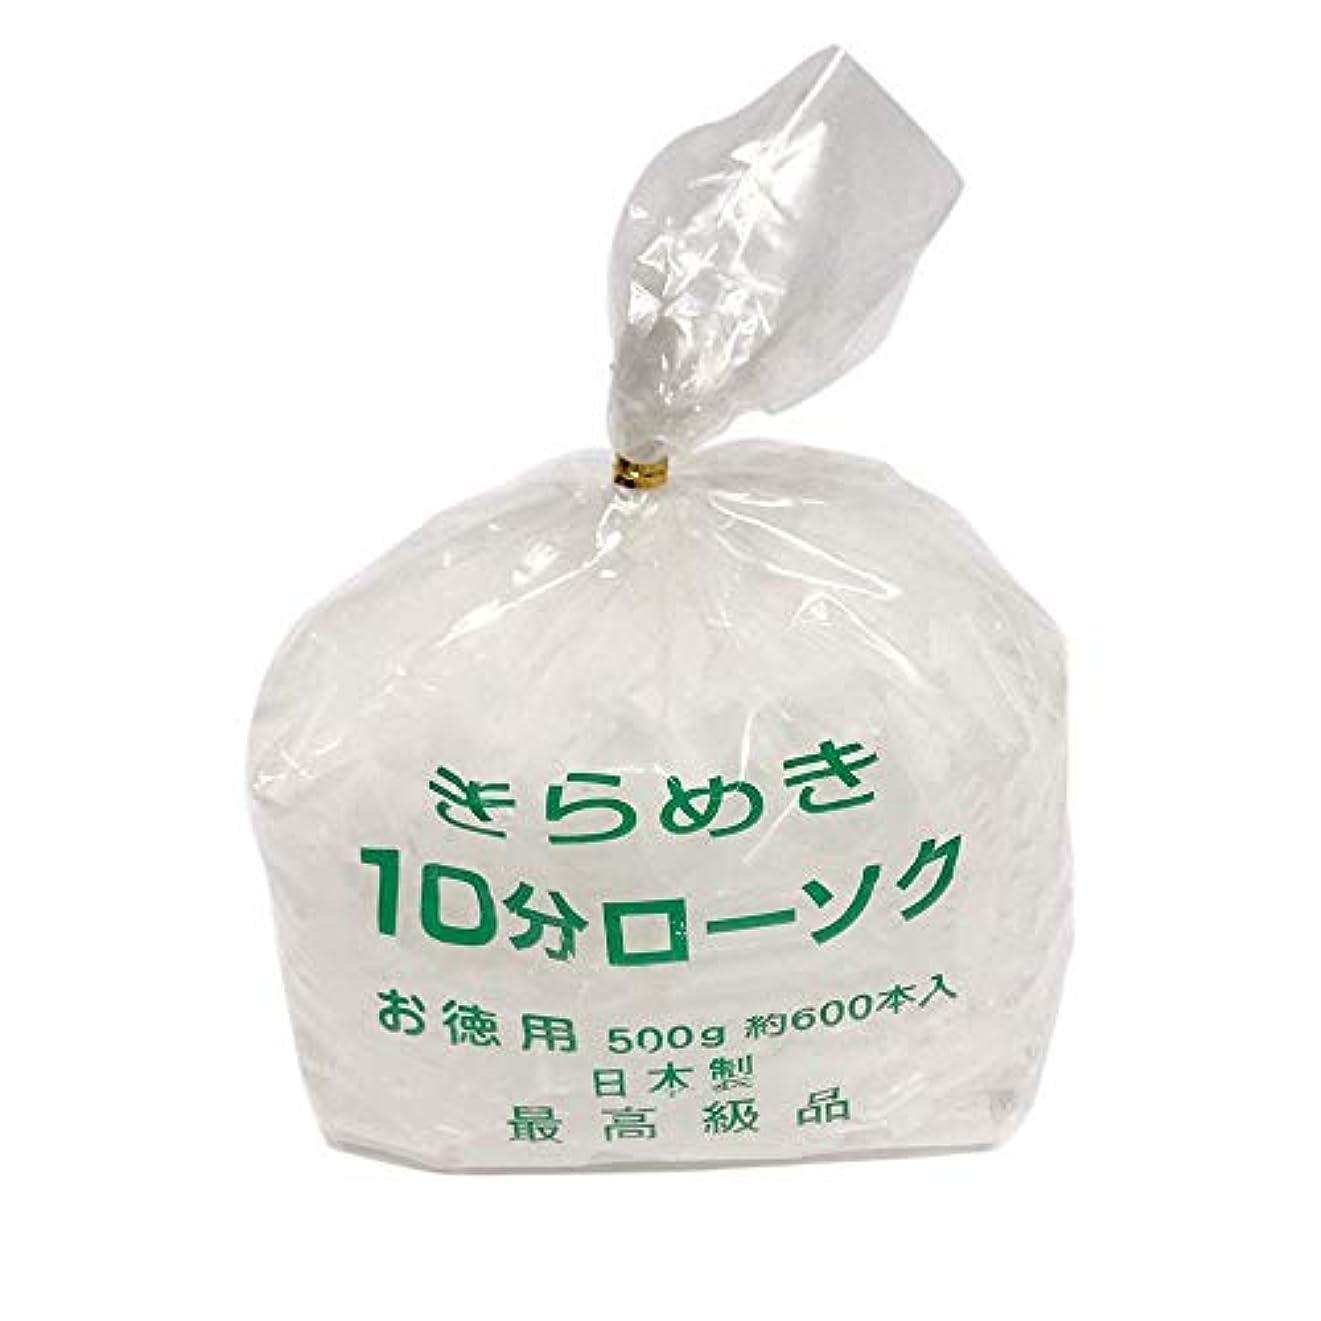 特殊タービン筋東亜ローソク ミニロウソク きらめき お徳用袋入 5分?10分 (10分ローソク1袋)